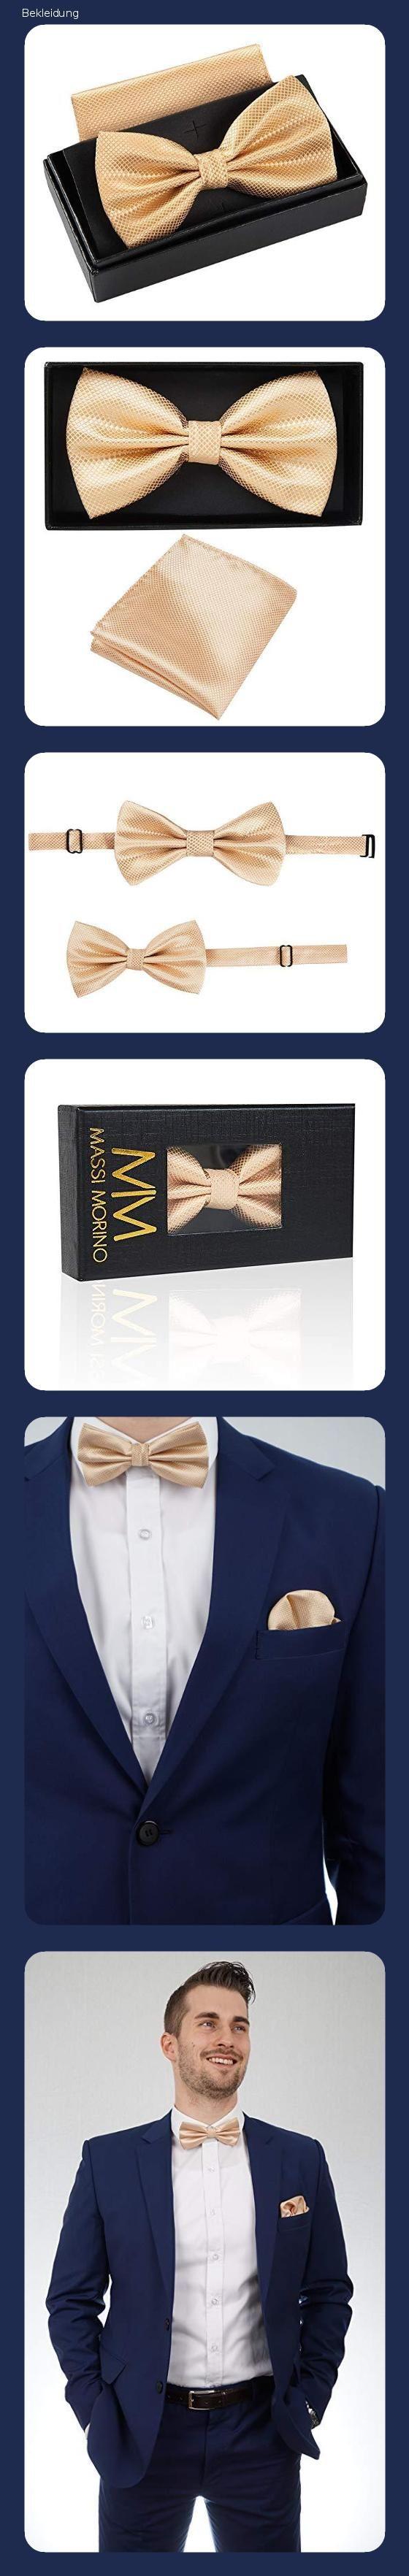 MASSI MORINO Verstellbar Fliege mit Einstecktuch inkl Geschenkbox